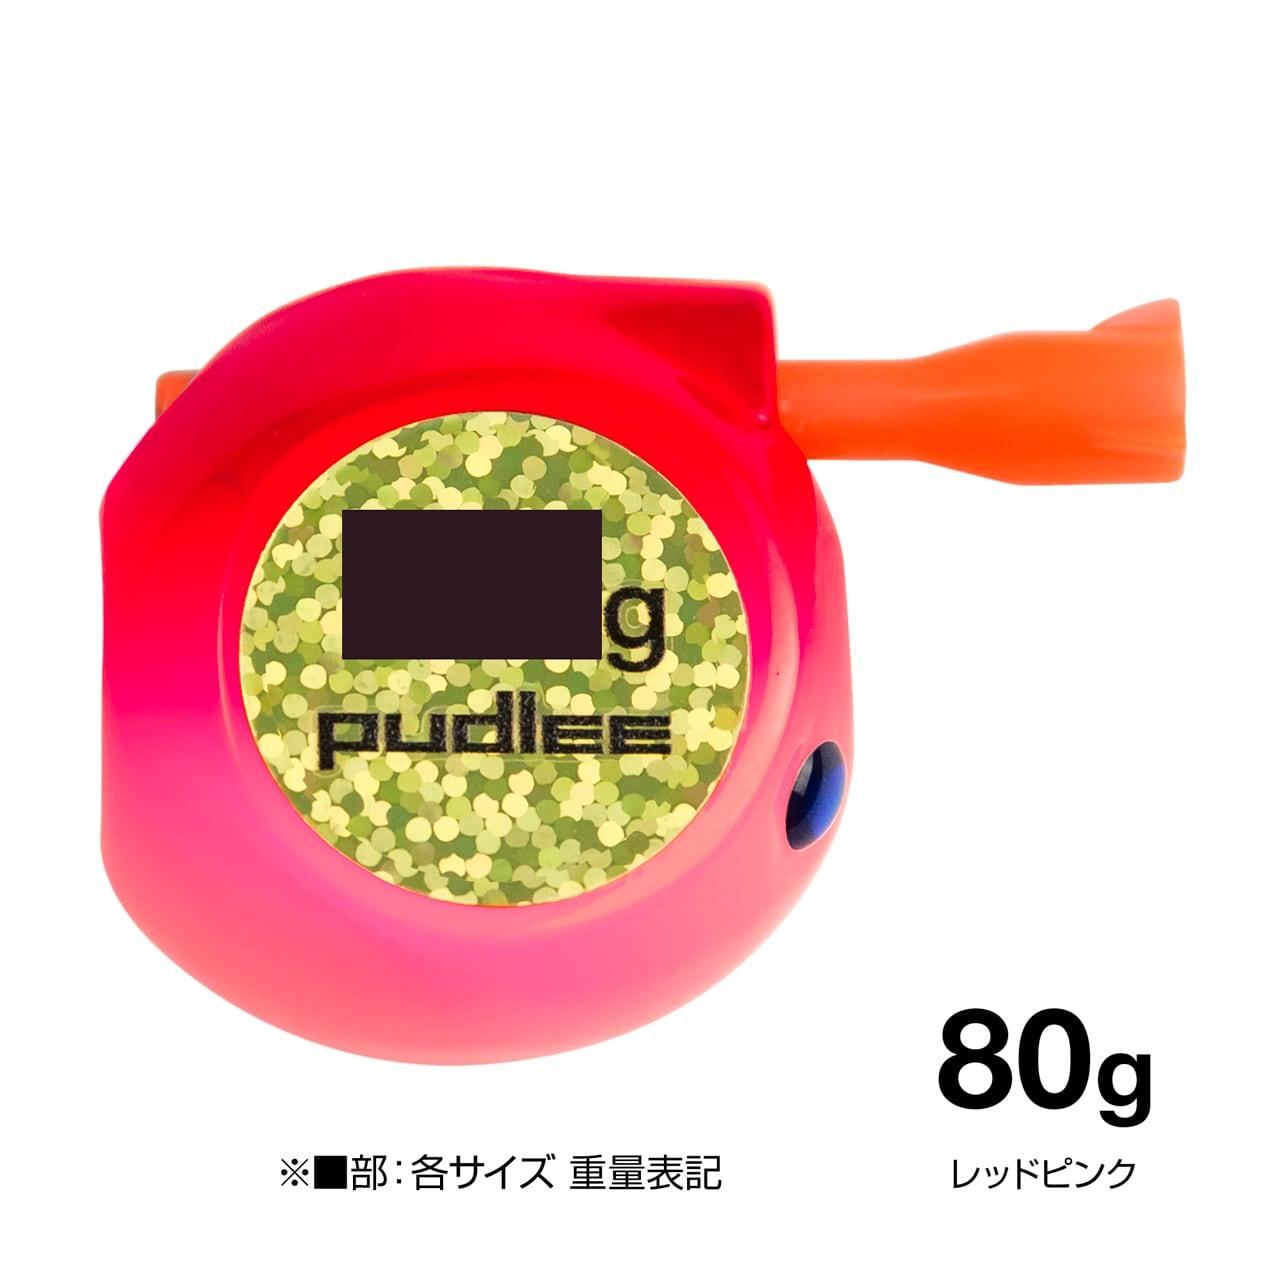 【釣りフェス限定販売】タイラバJET フラットサイド 80gレッドピンク